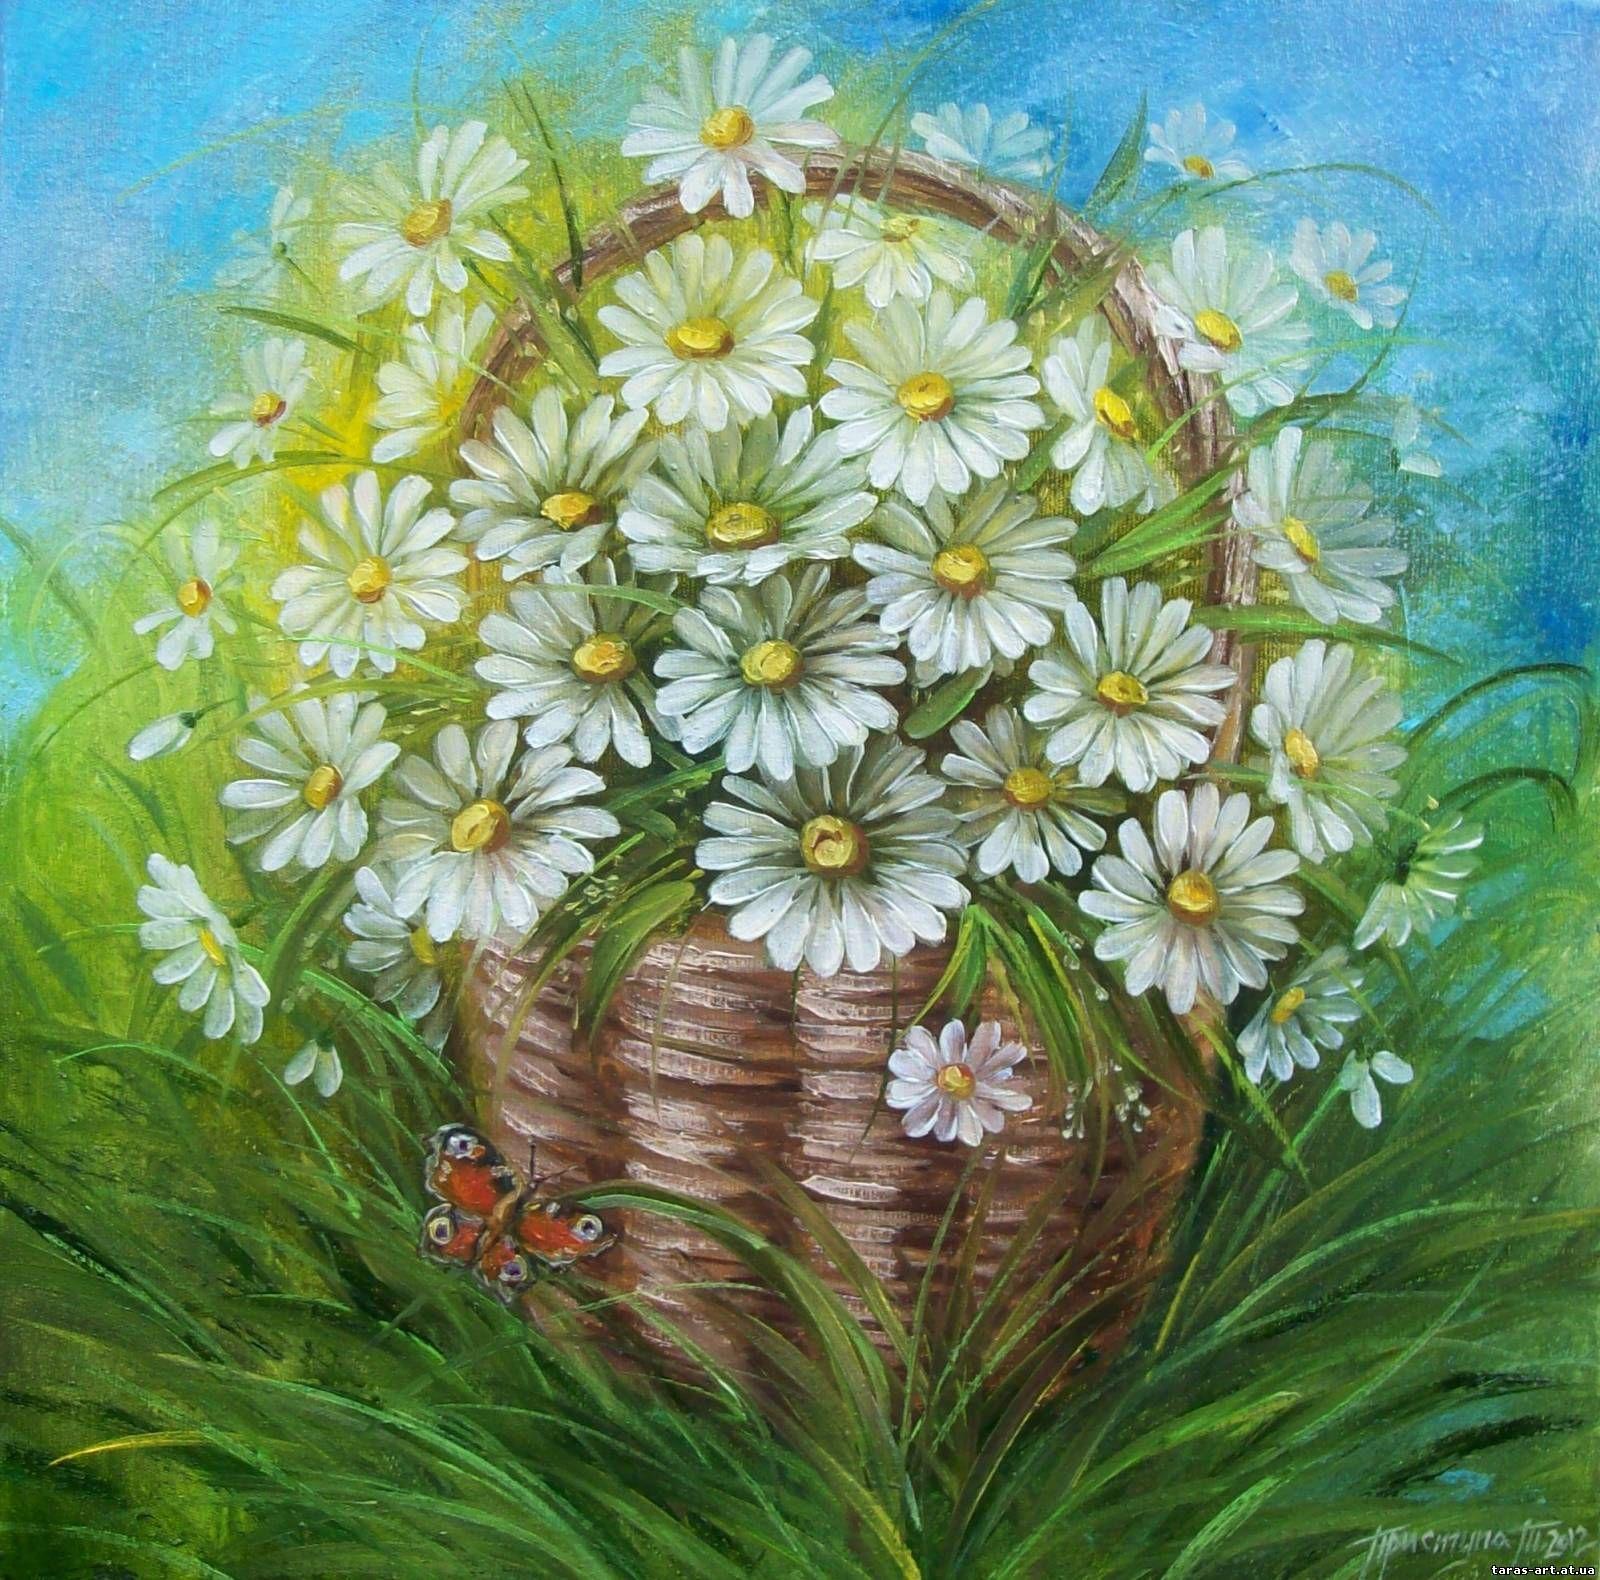 Картинки композиции цветов ромашки нарисованные